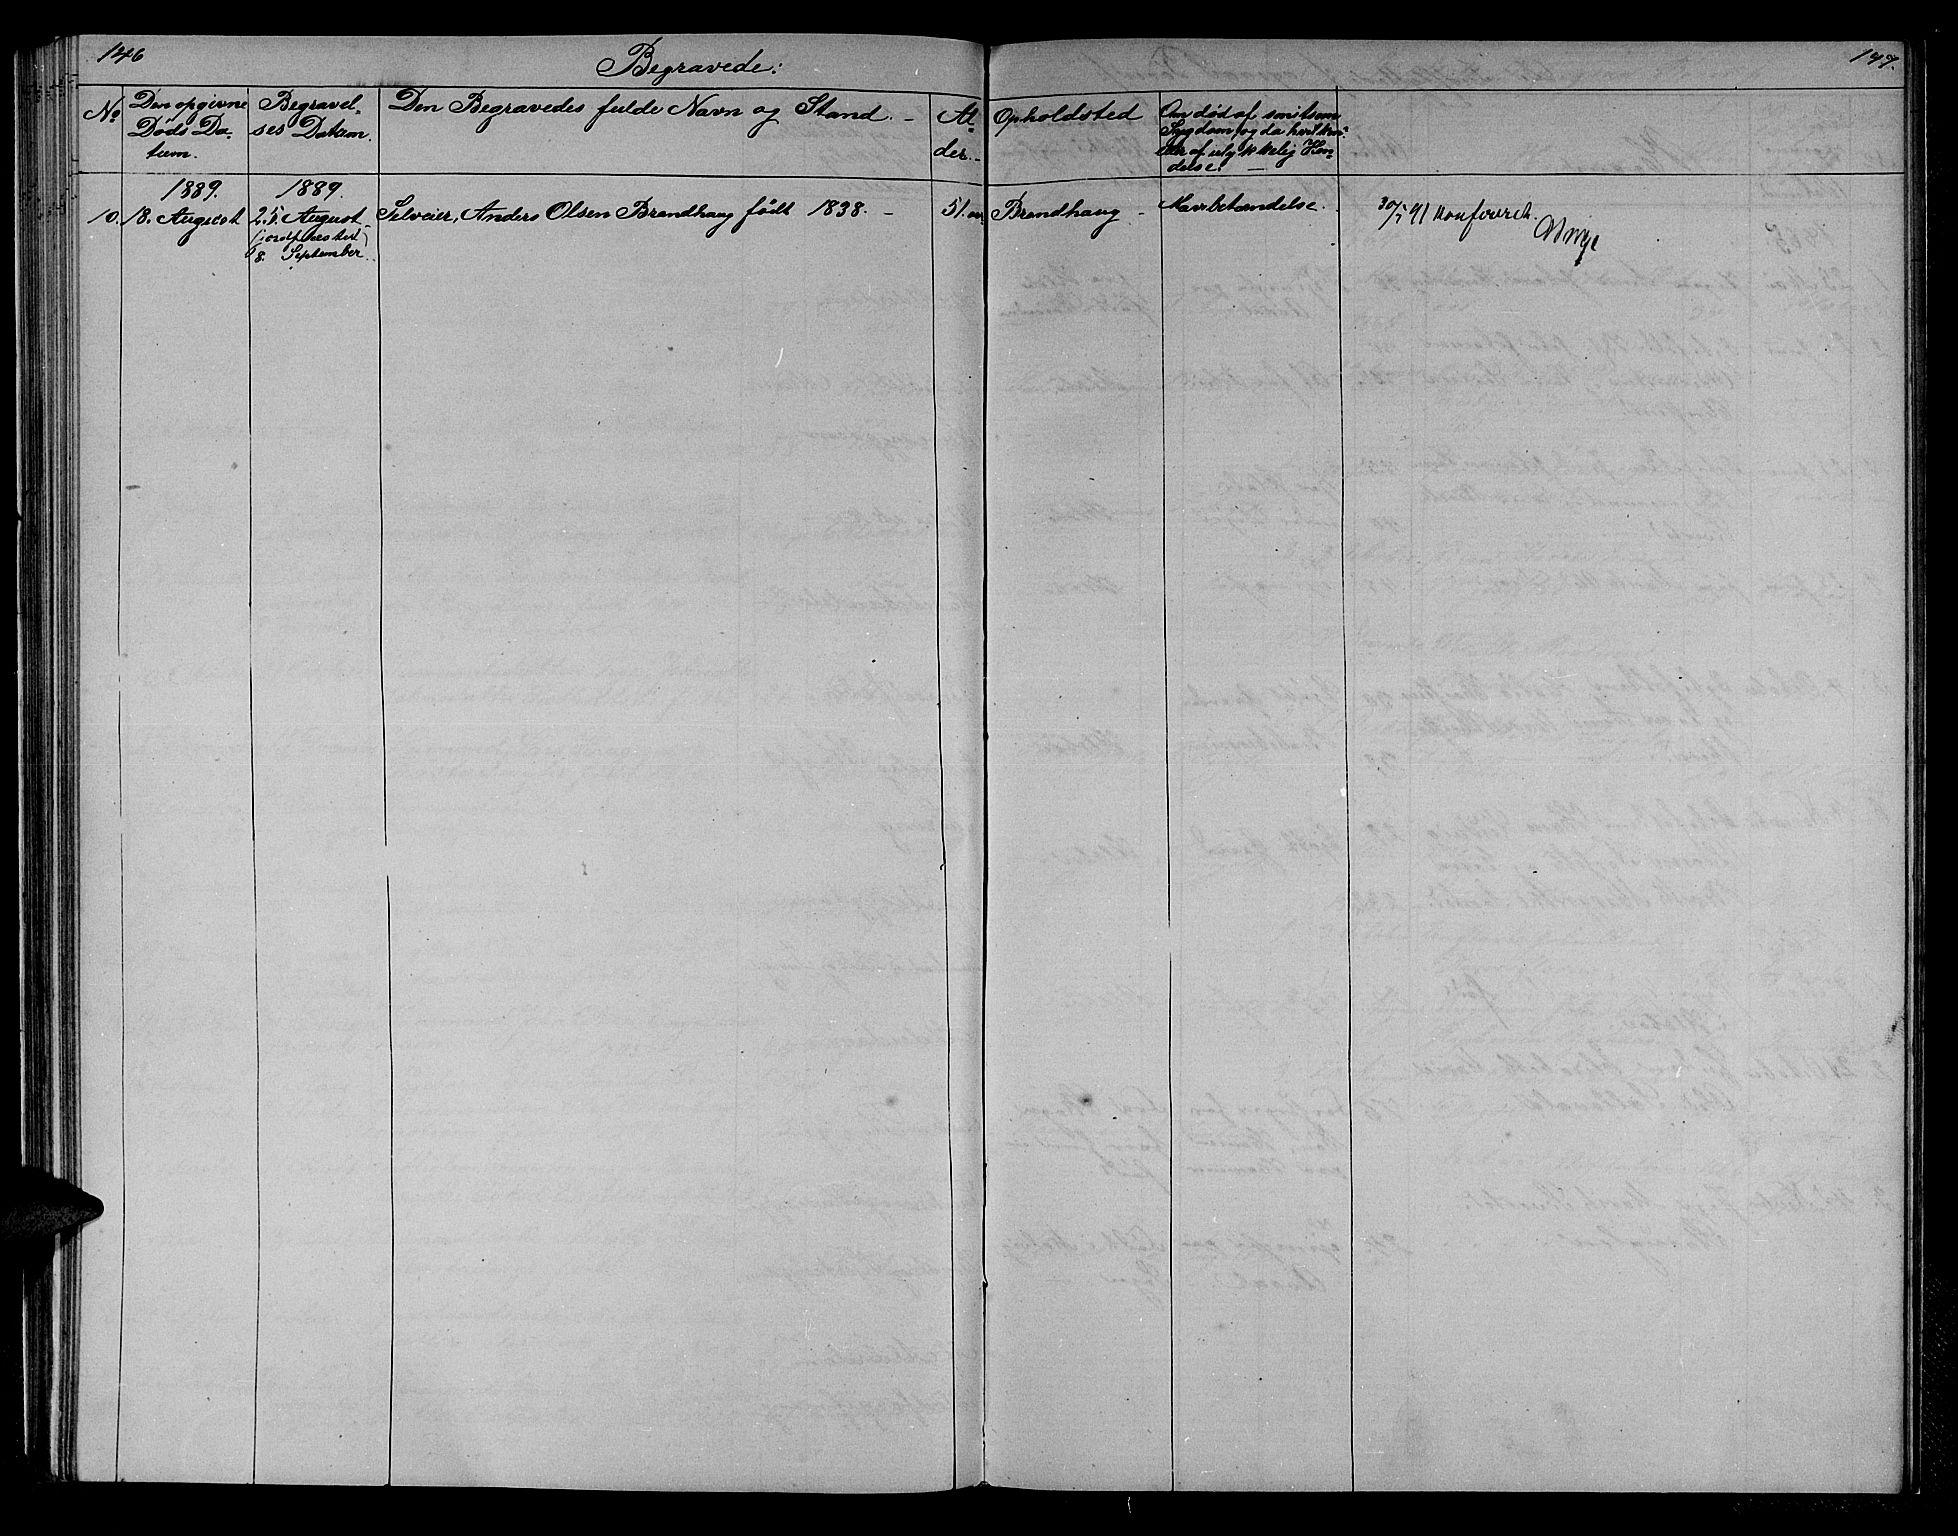 SAT, Ministerialprotokoller, klokkerbøker og fødselsregistre - Sør-Trøndelag, 608/L0340: Klokkerbok nr. 608C06, 1864-1889, s. 146-147